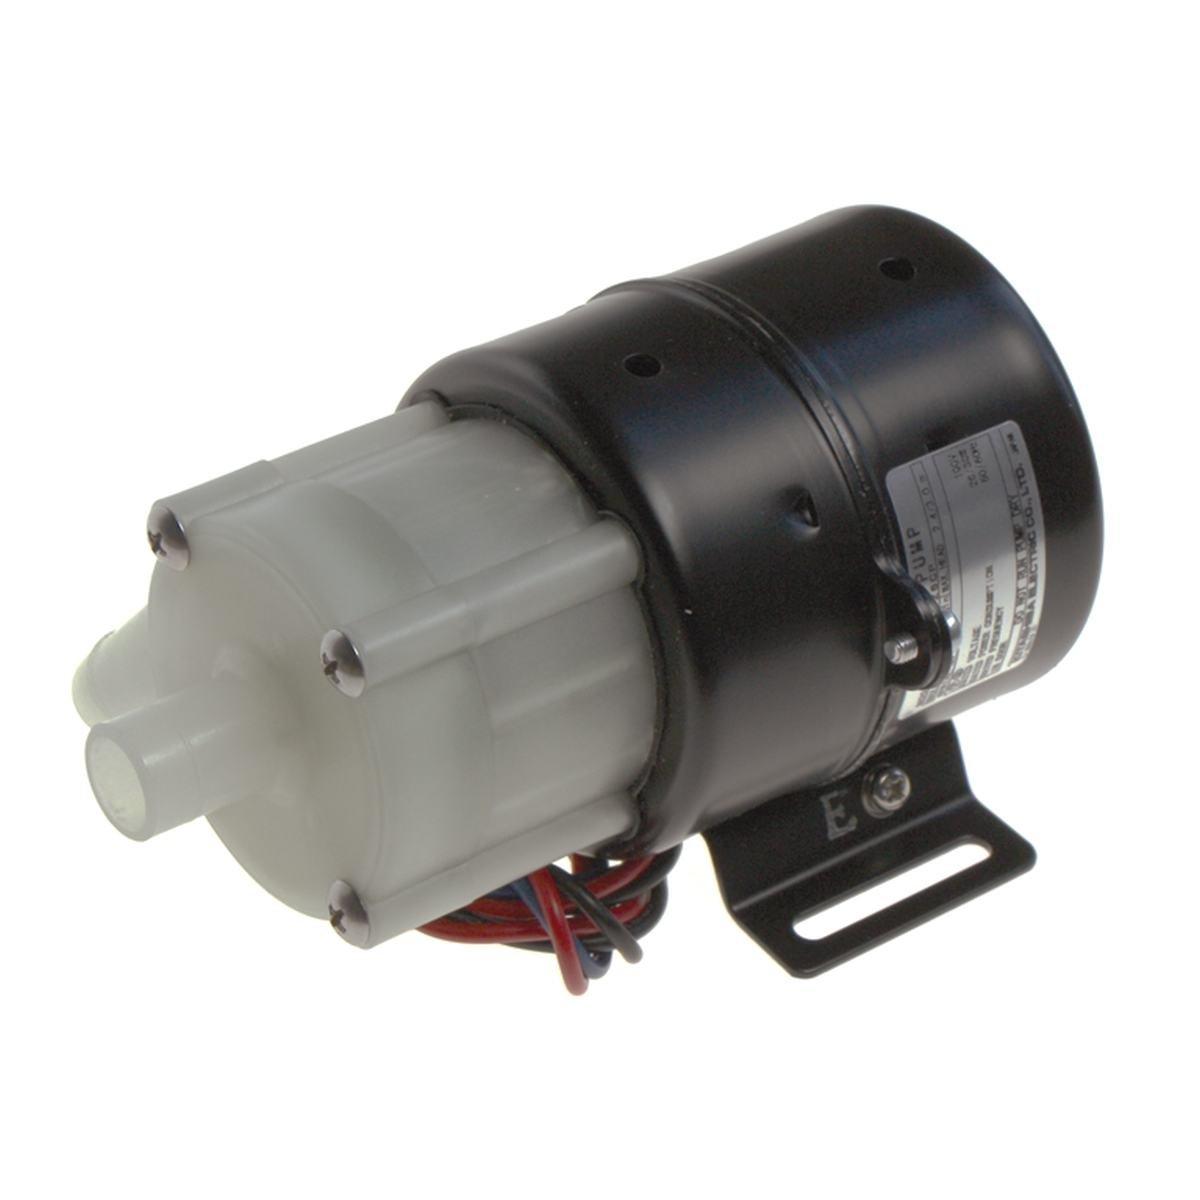 Pumpe LMP25C til isterningmaskin